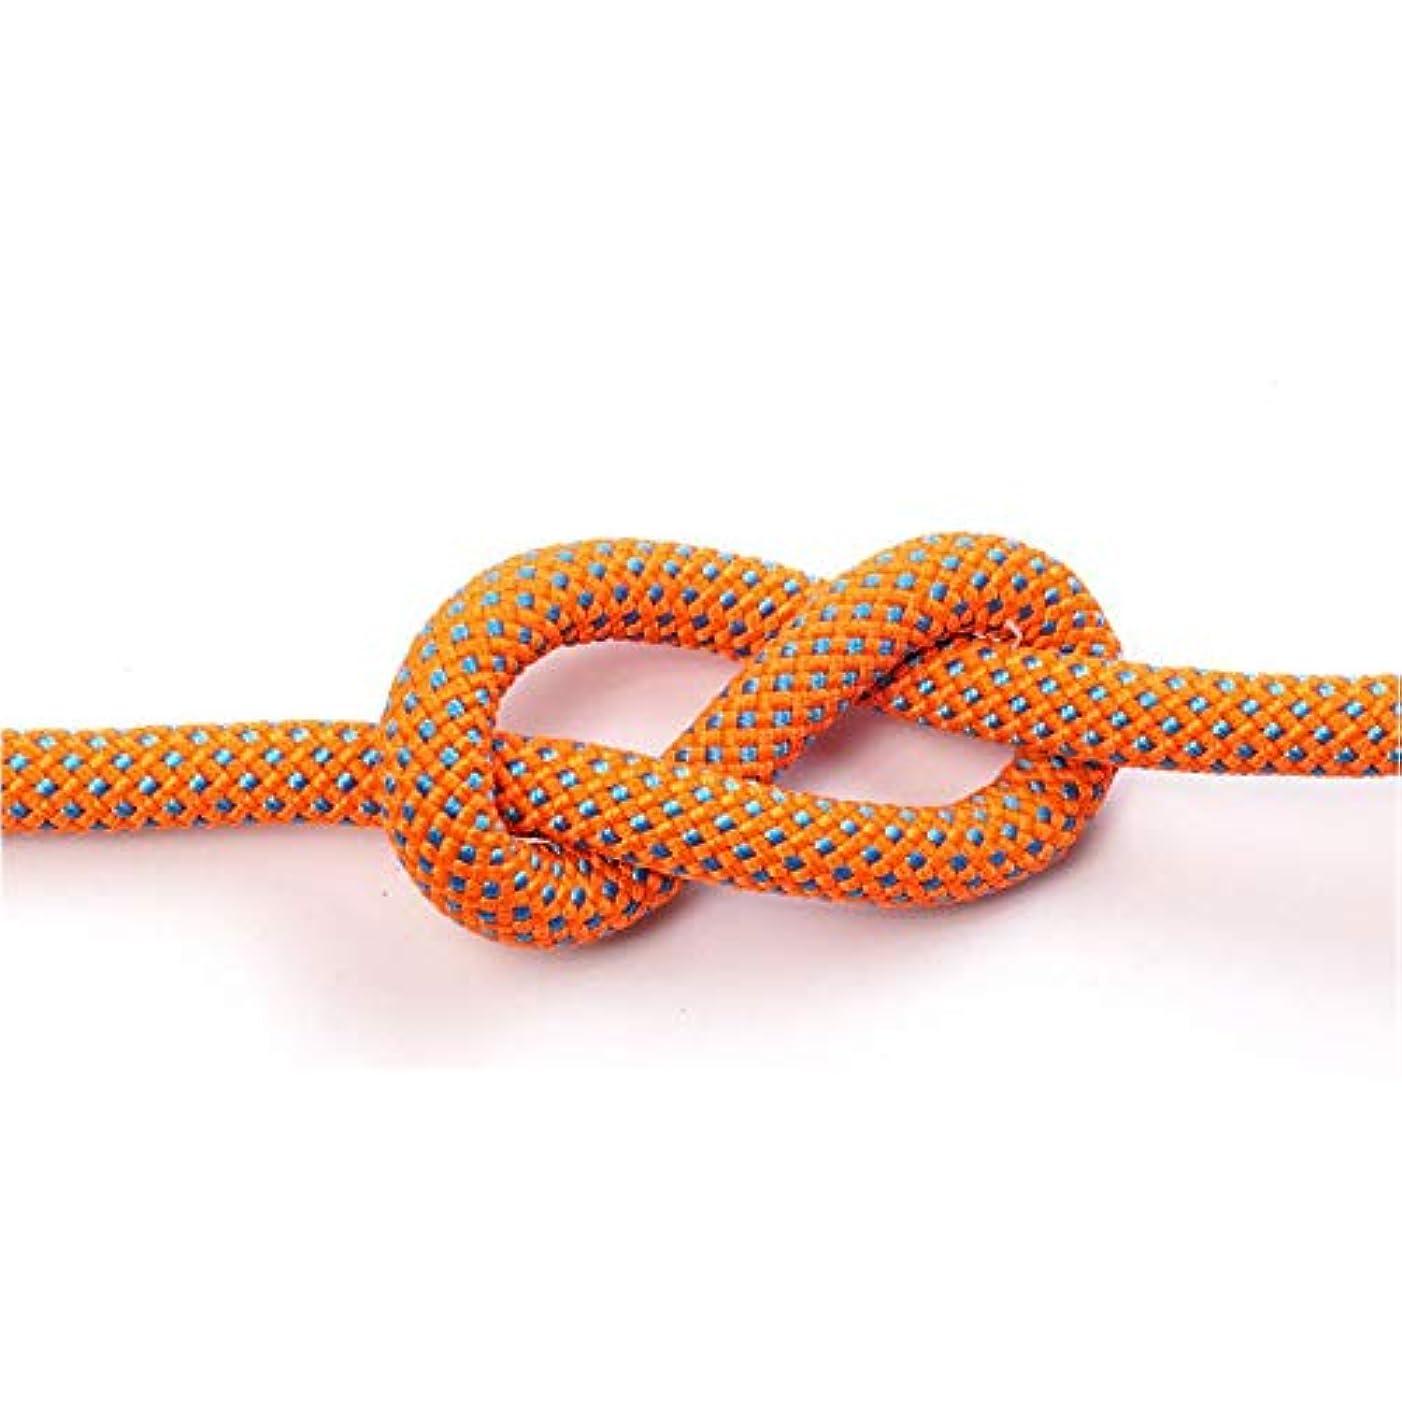 ウルル絶妙キャンペーン屋外ロープ、プロフェッショナルロッククライミング安全ロープ、12mmラペリングロープ安全ロープナイロンロープクライミング機器2つのフック、ハイキング (色 : オレンジ, サイズ : Diameter 8 mm/10M)